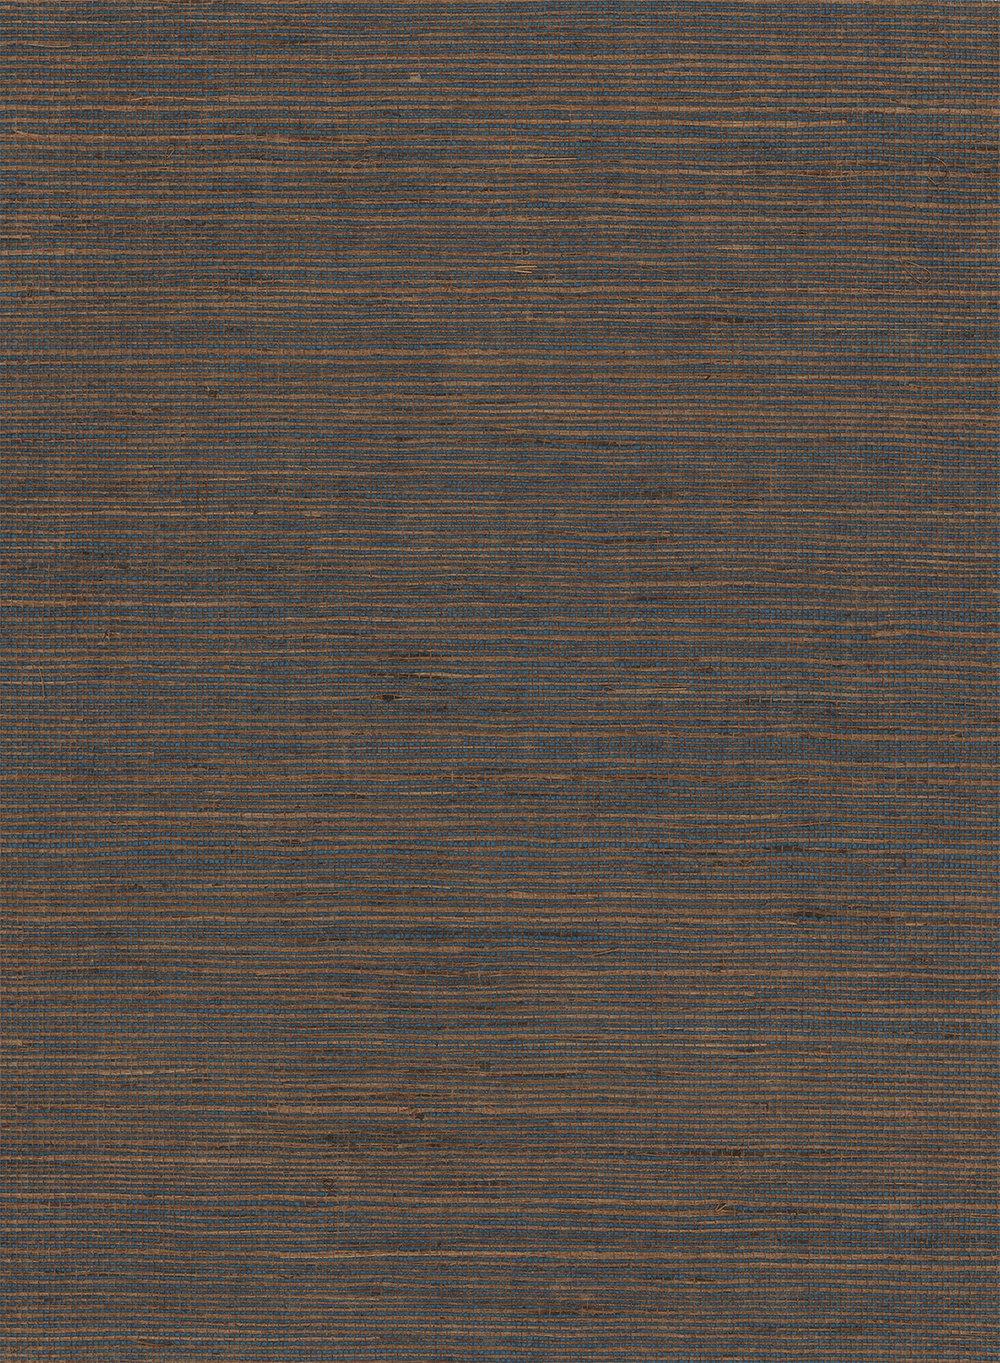 Sisal Grasscloth - Clove